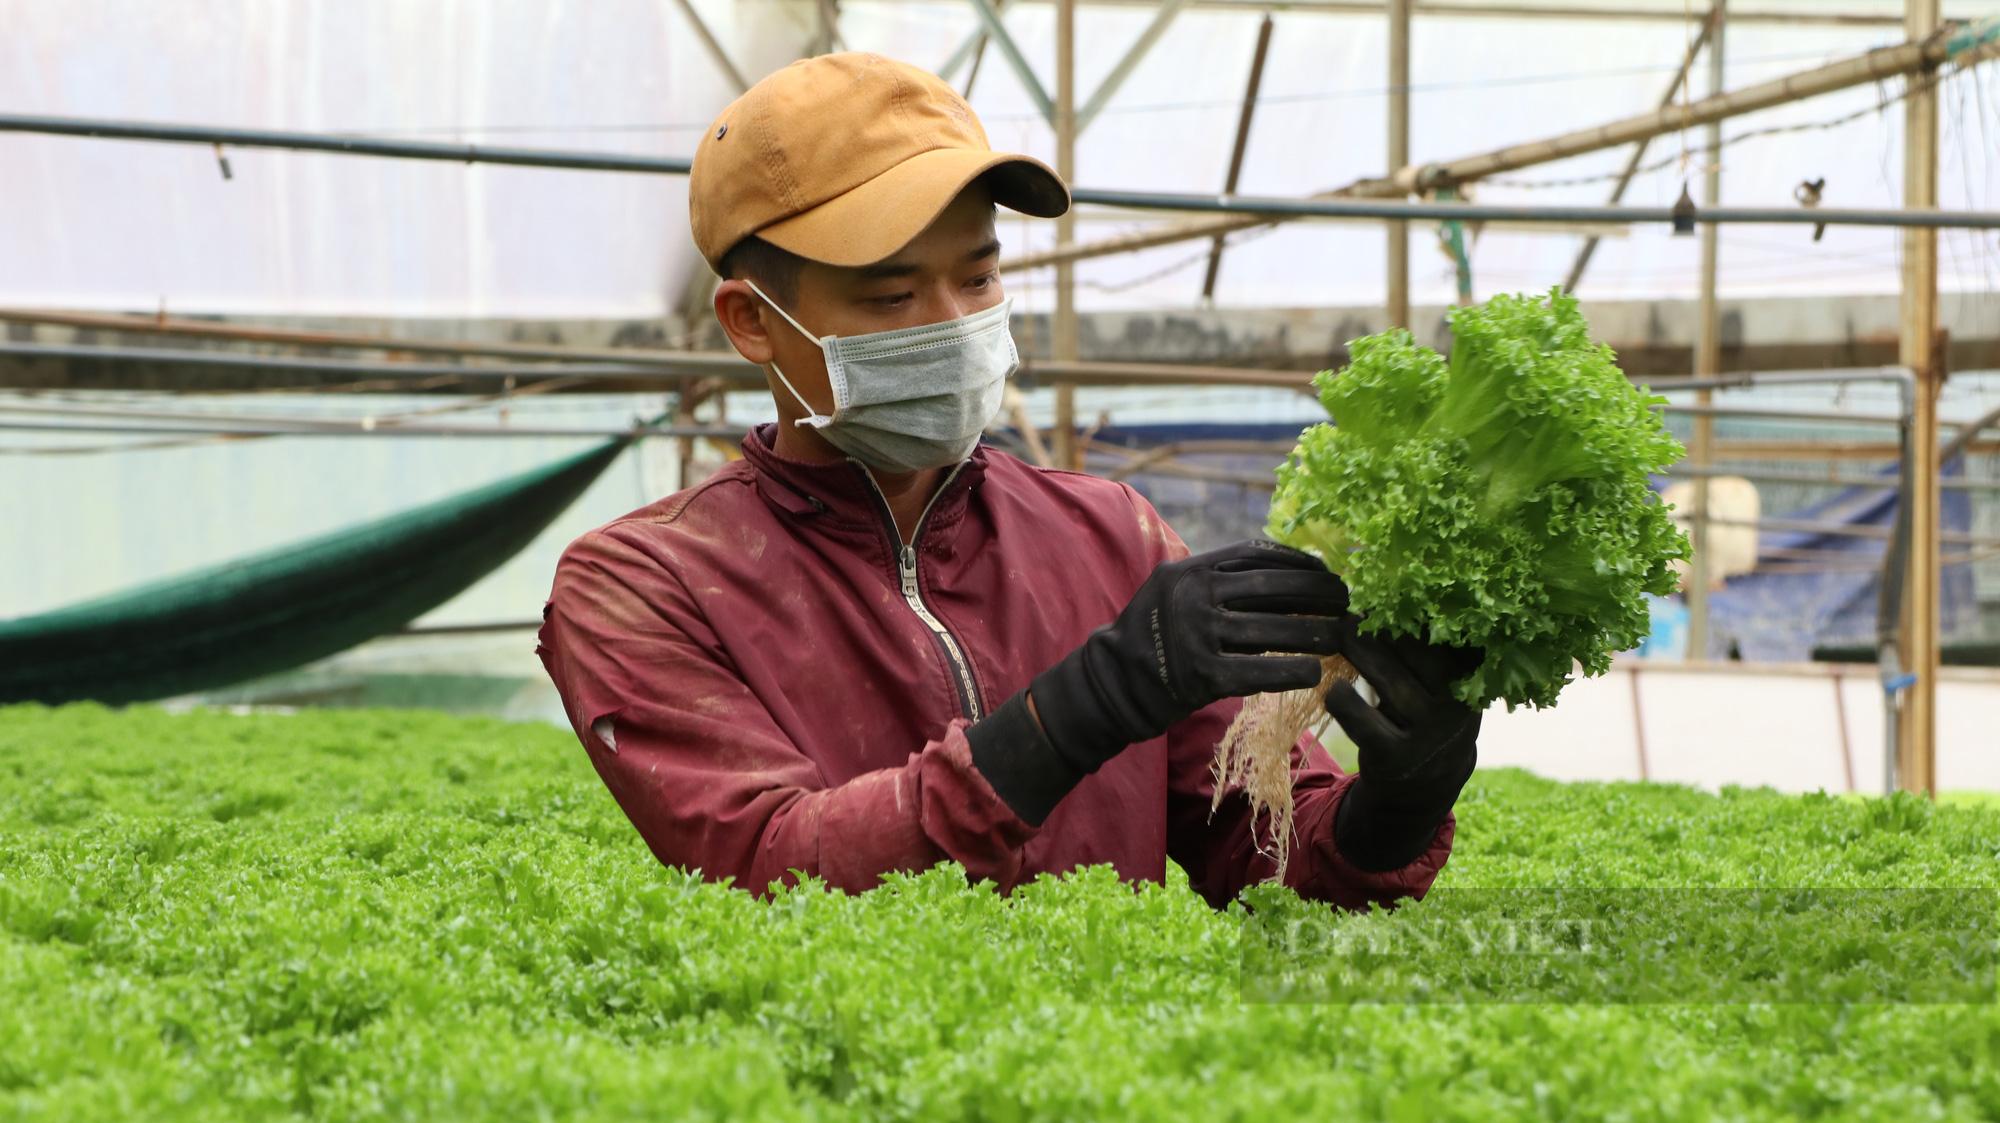 """""""Dũng cao"""" làm nông nghiệp công nghệ cao, xuất khẩu hàng trăm tấn rau xà lách đi Hàn Quốc - Ảnh 8."""